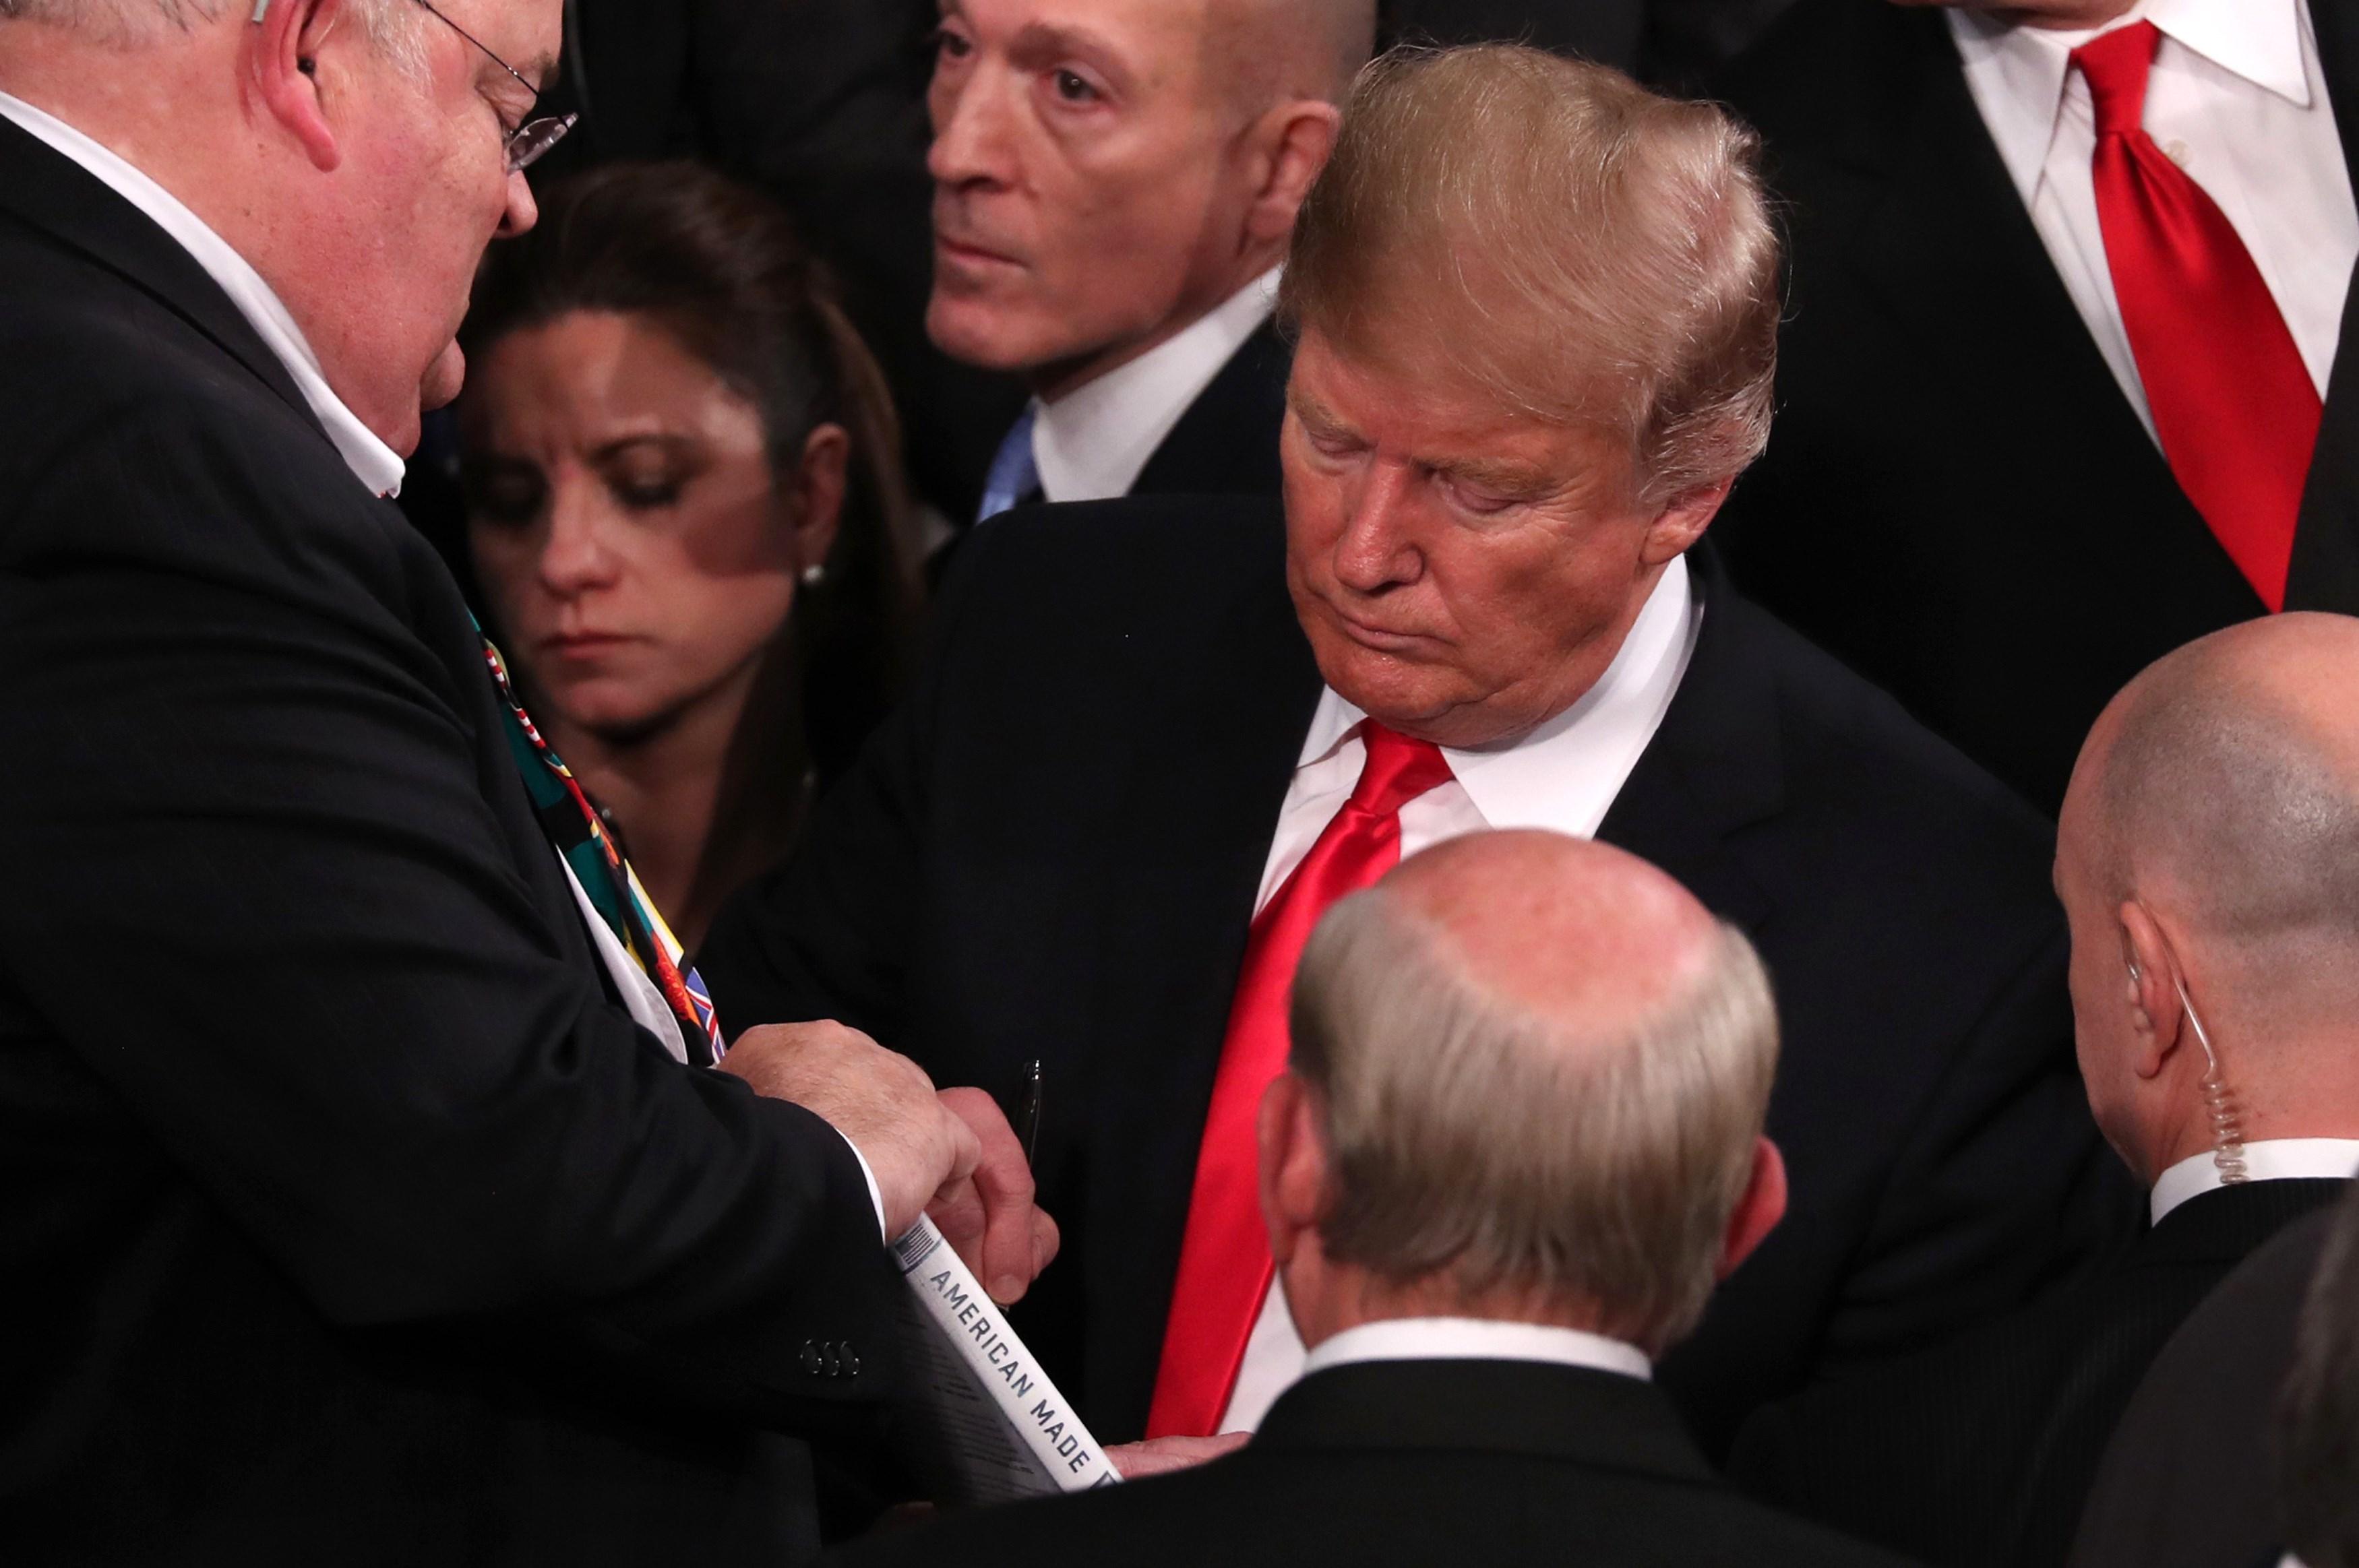 ترامب يوقع لأحد أعضاء الكونجرس